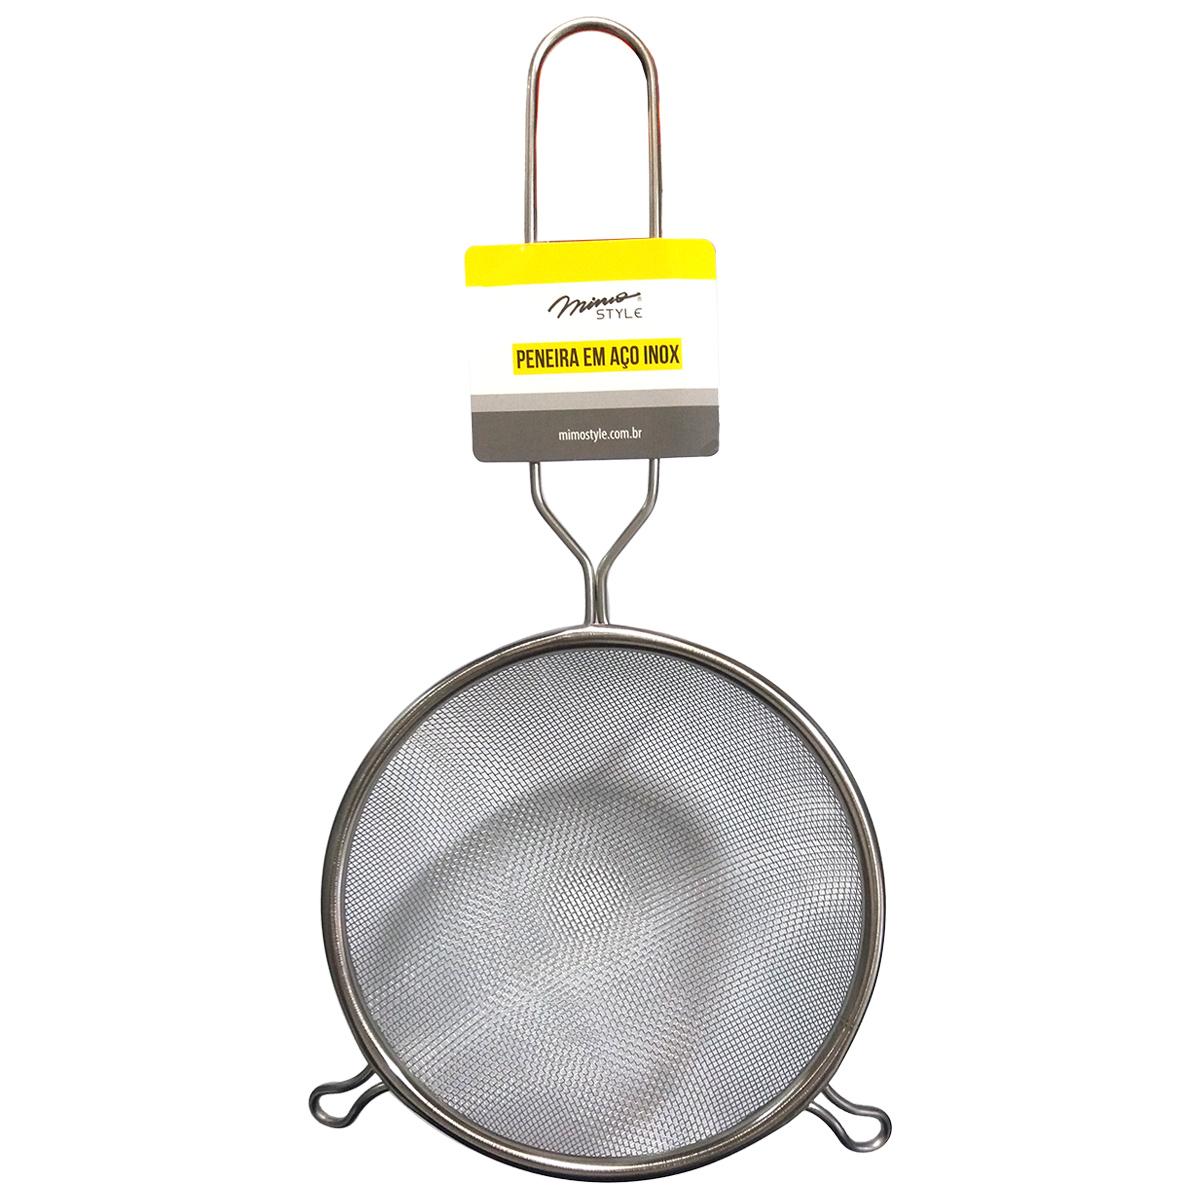 Peneira Inox 15x30cm Mimo Style